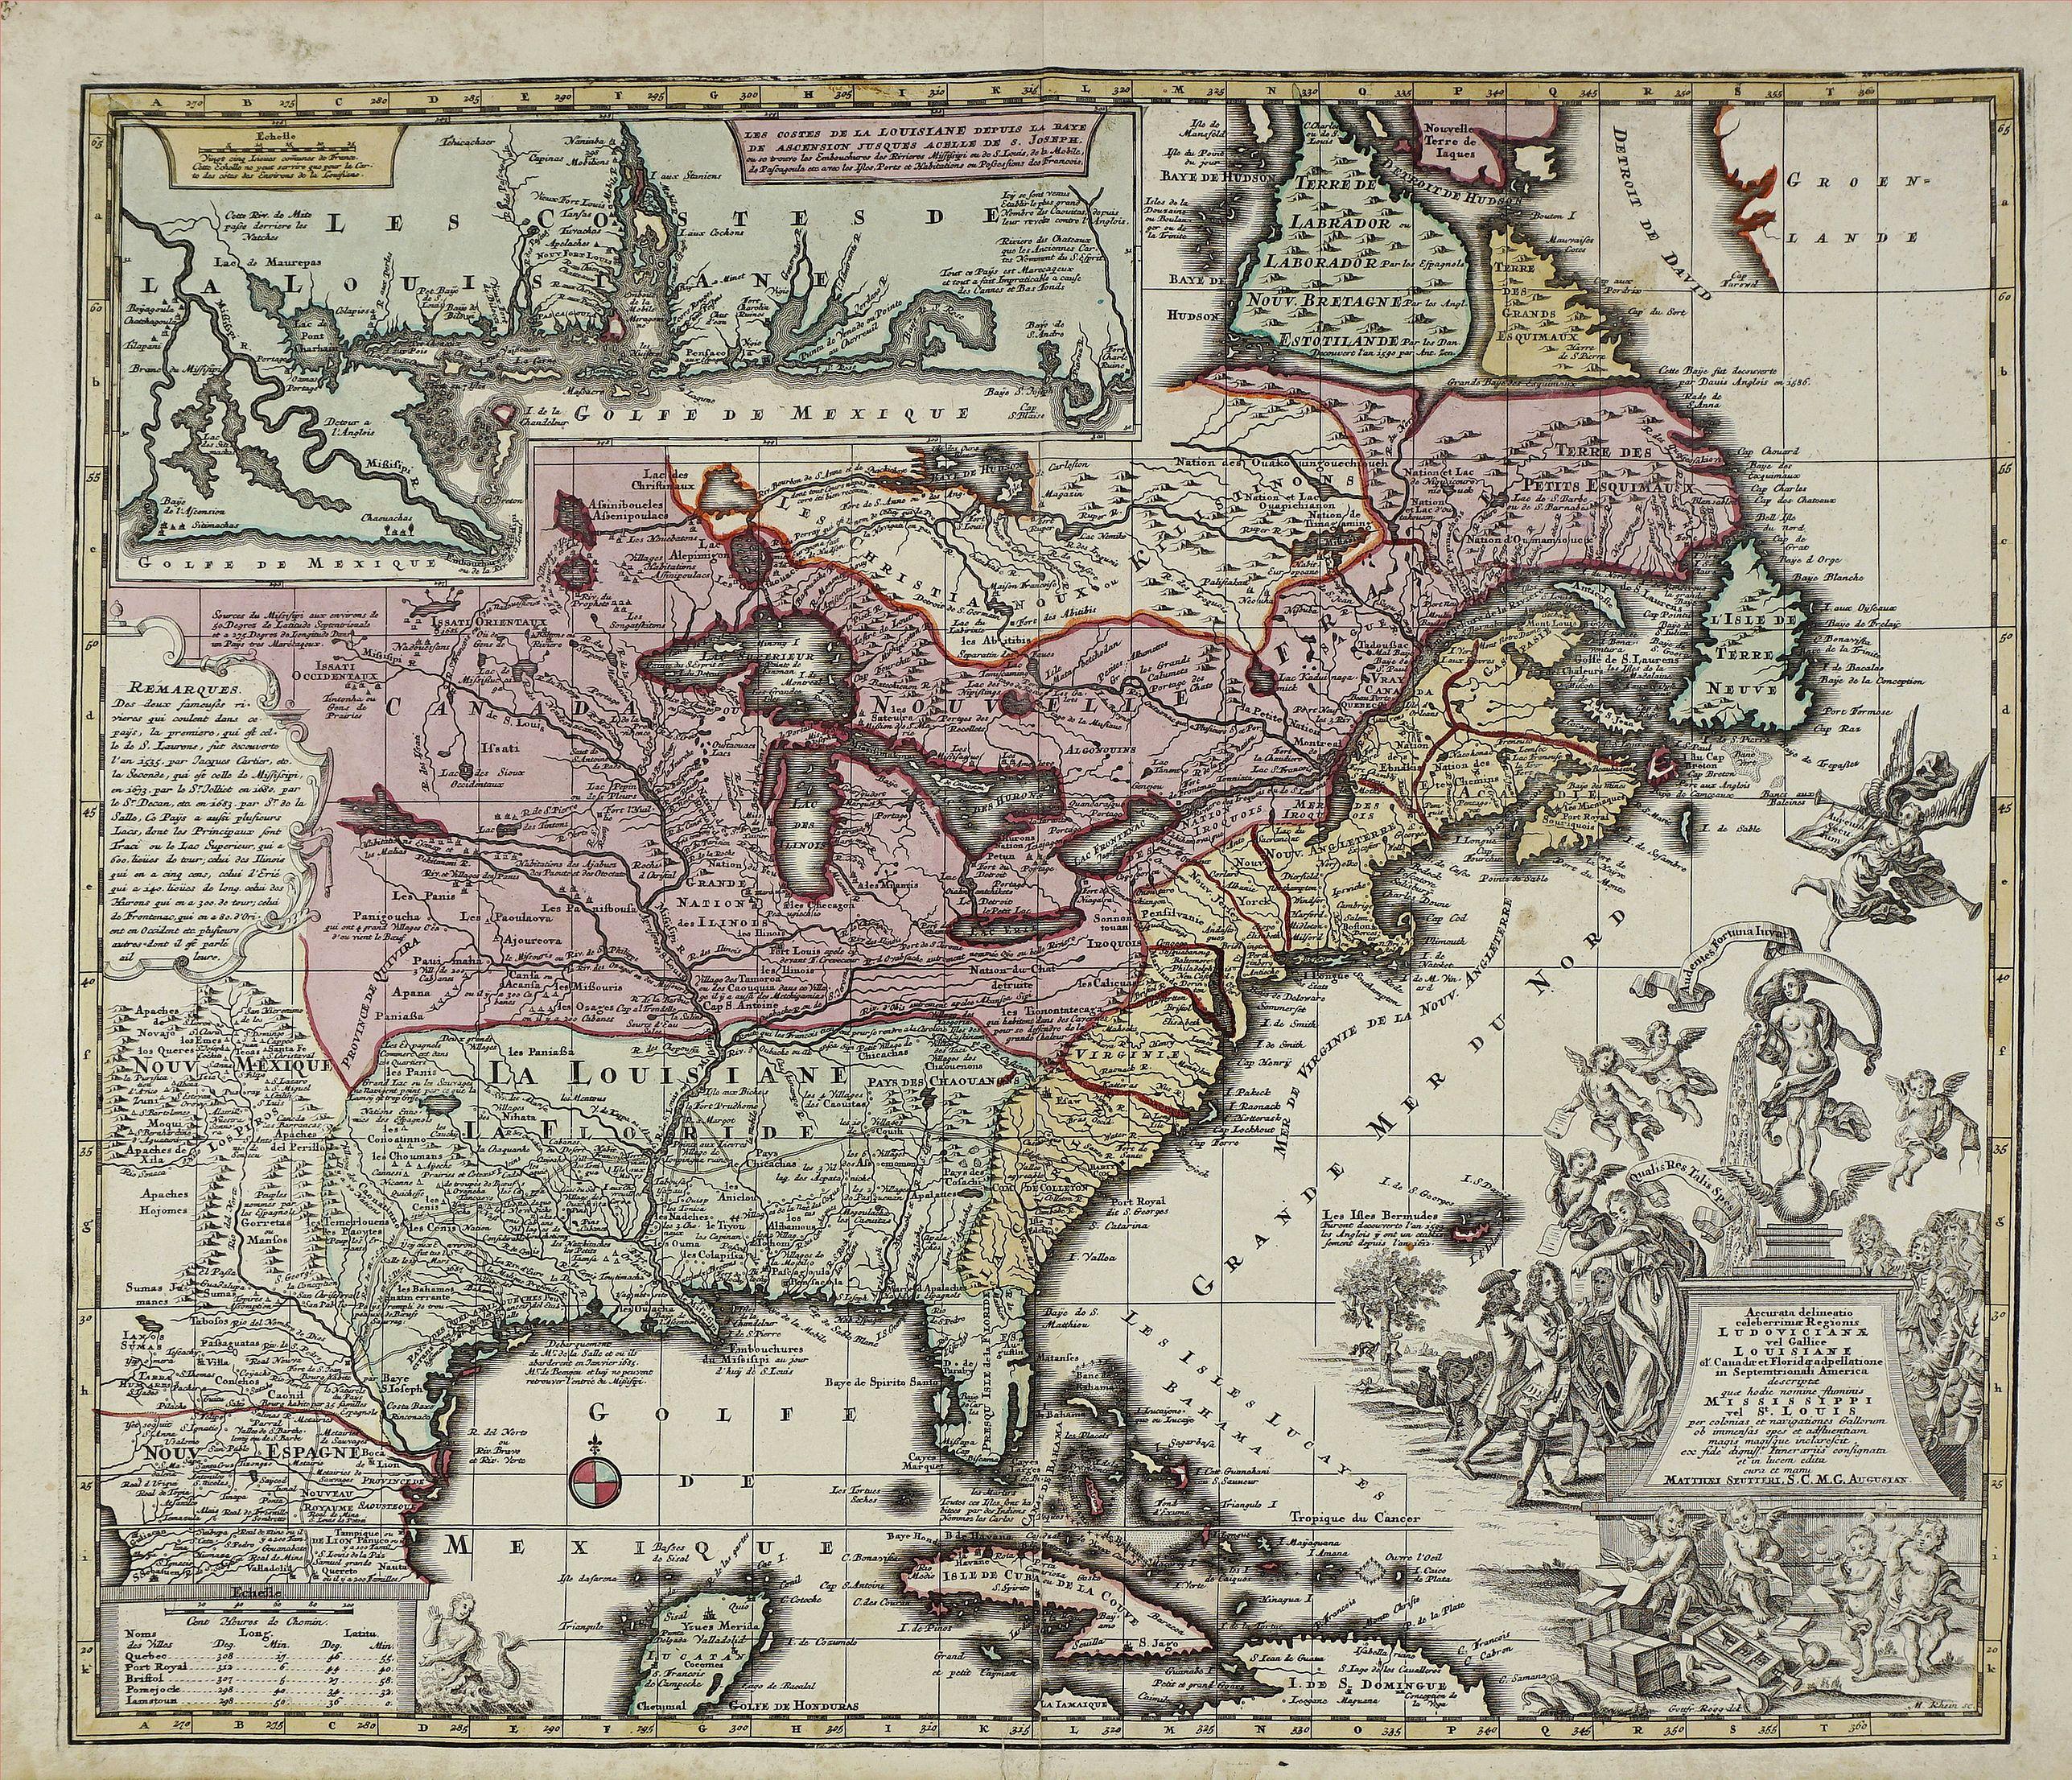 SEUTTER, M. - Accurata delineatio celeberrimae Regionis Ludovicianae vel Gallice Louisiane ol Canadae et Floridae. . .